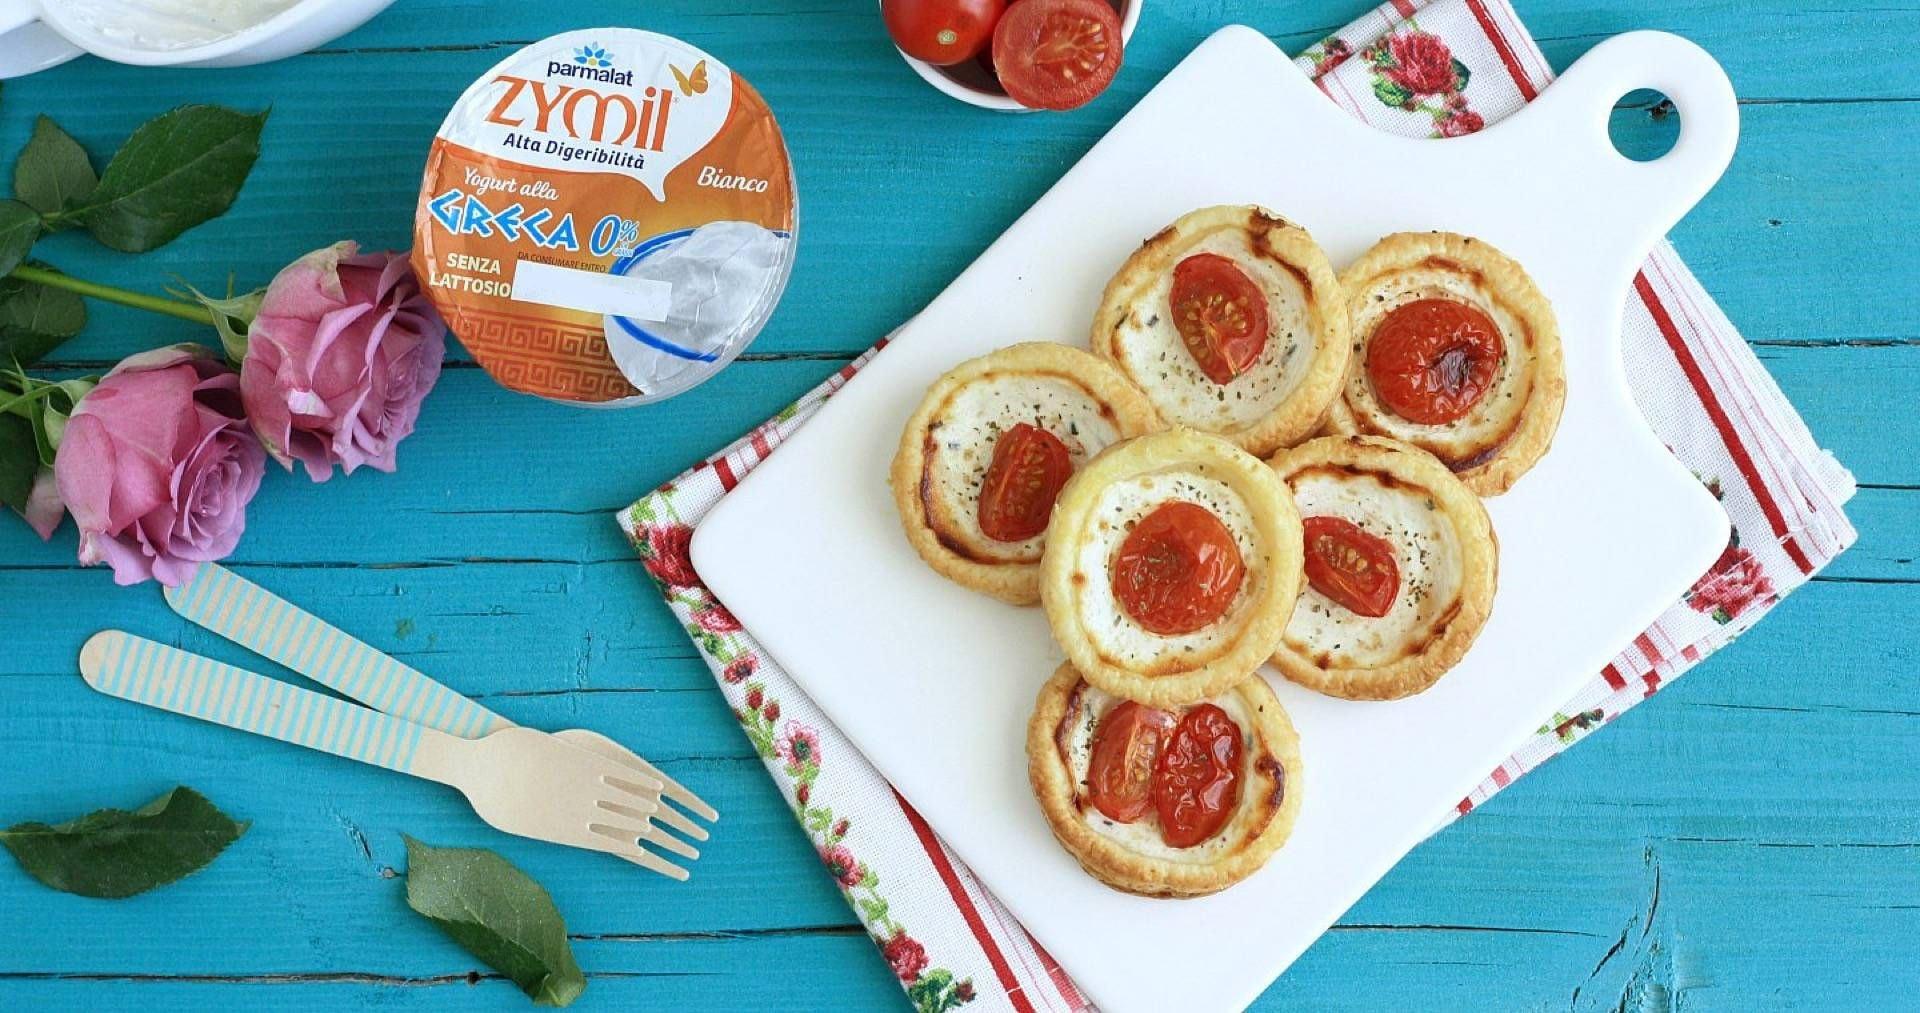 Pizzette di sfoglia con yogurt greco e pomodorini - Parmalat